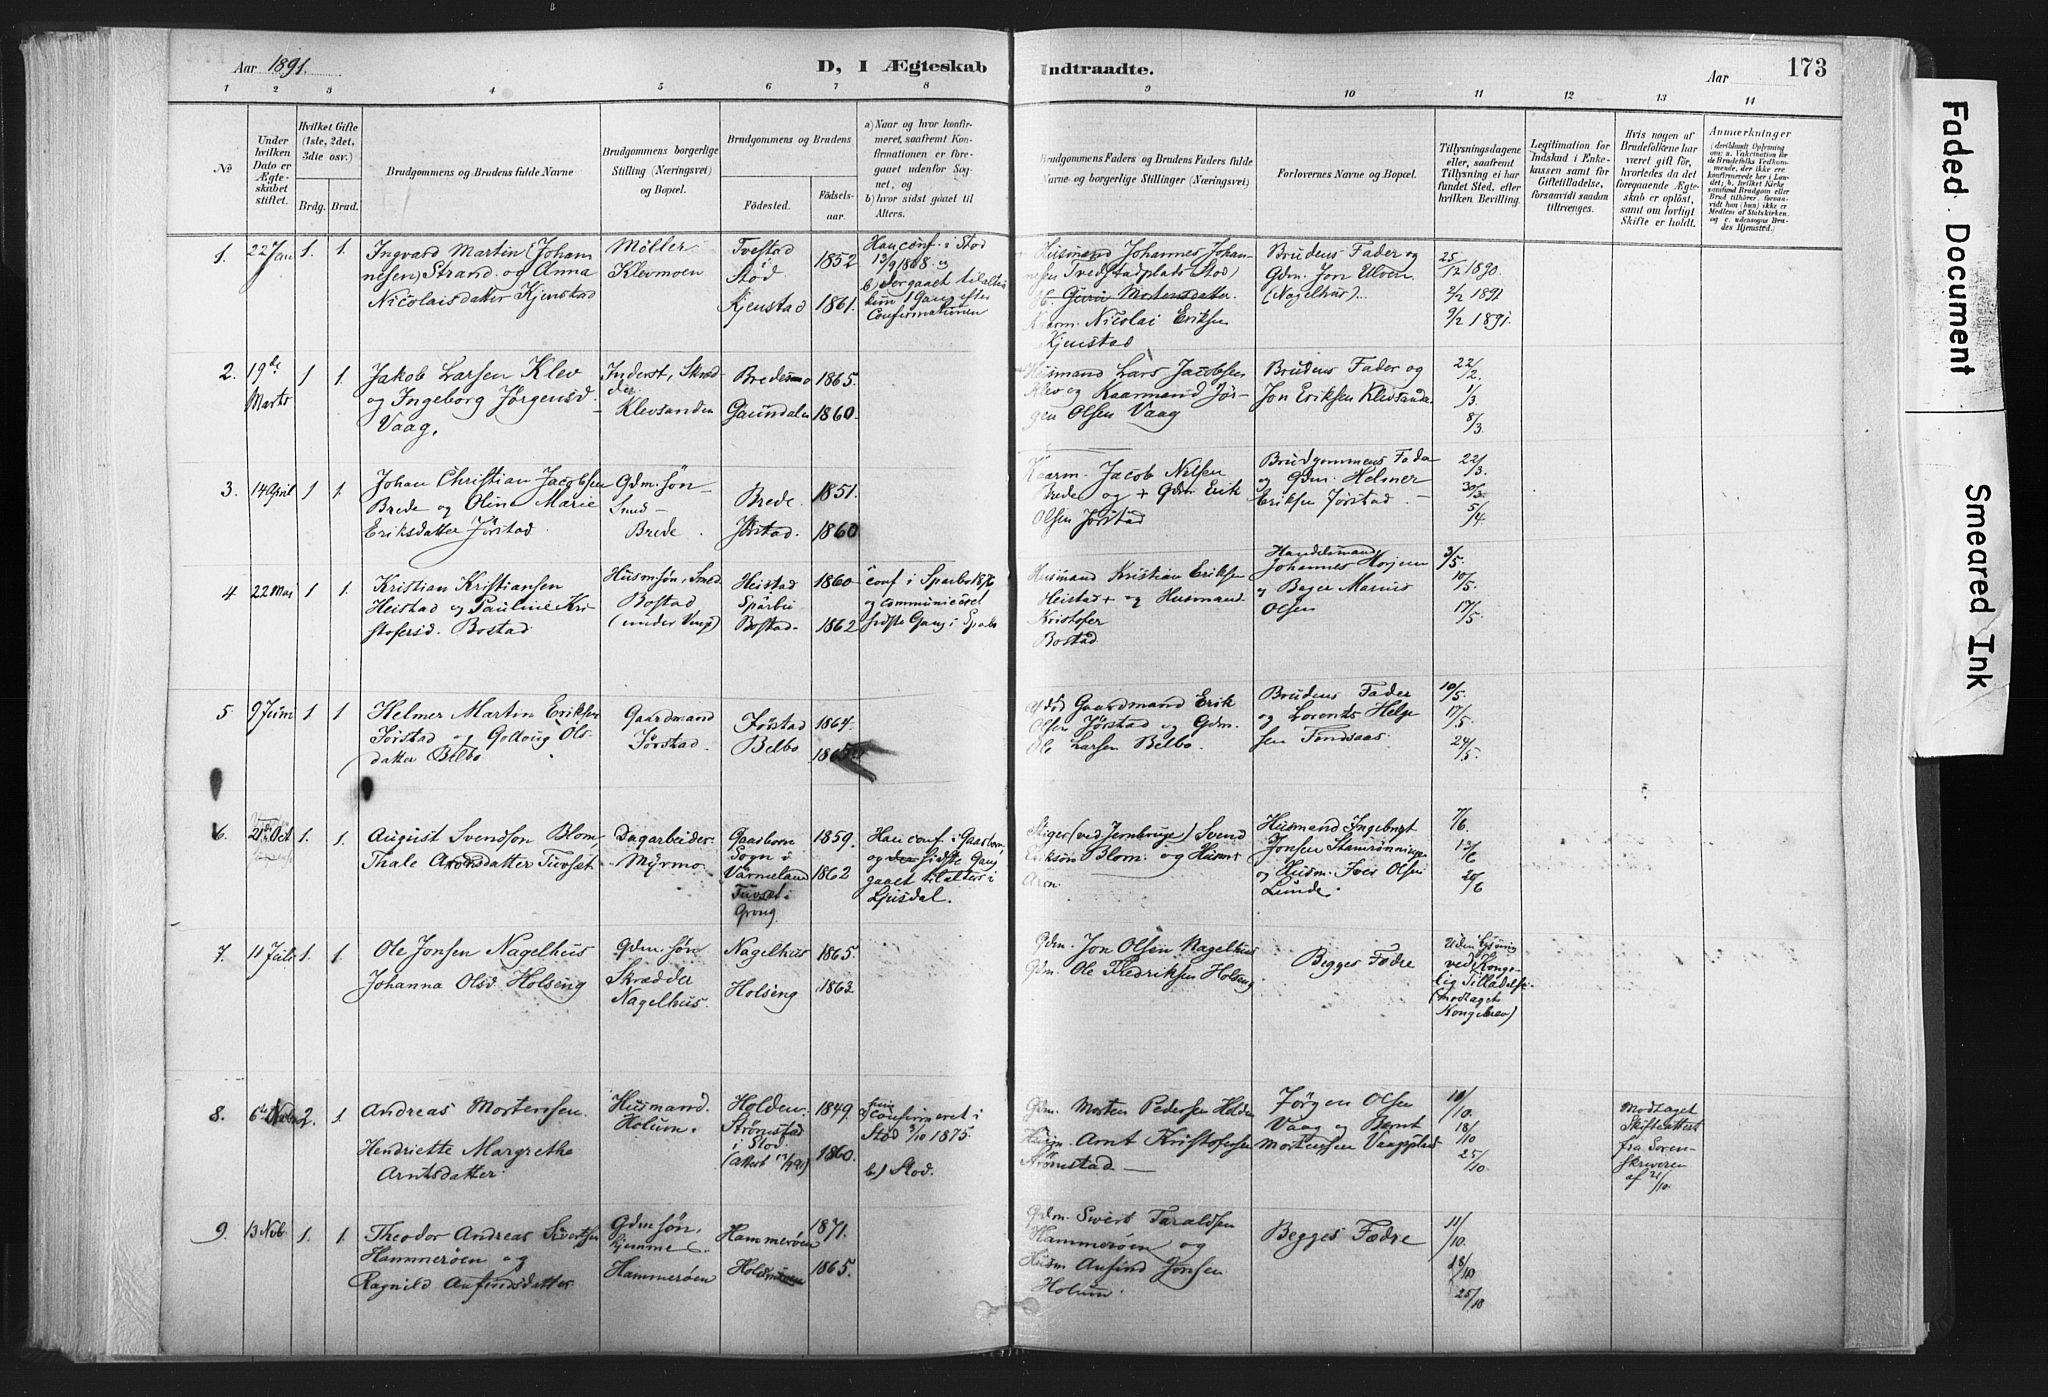 SAT, Ministerialprotokoller, klokkerbøker og fødselsregistre - Nord-Trøndelag, 749/L0474: Ministerialbok nr. 749A08, 1887-1903, s. 173